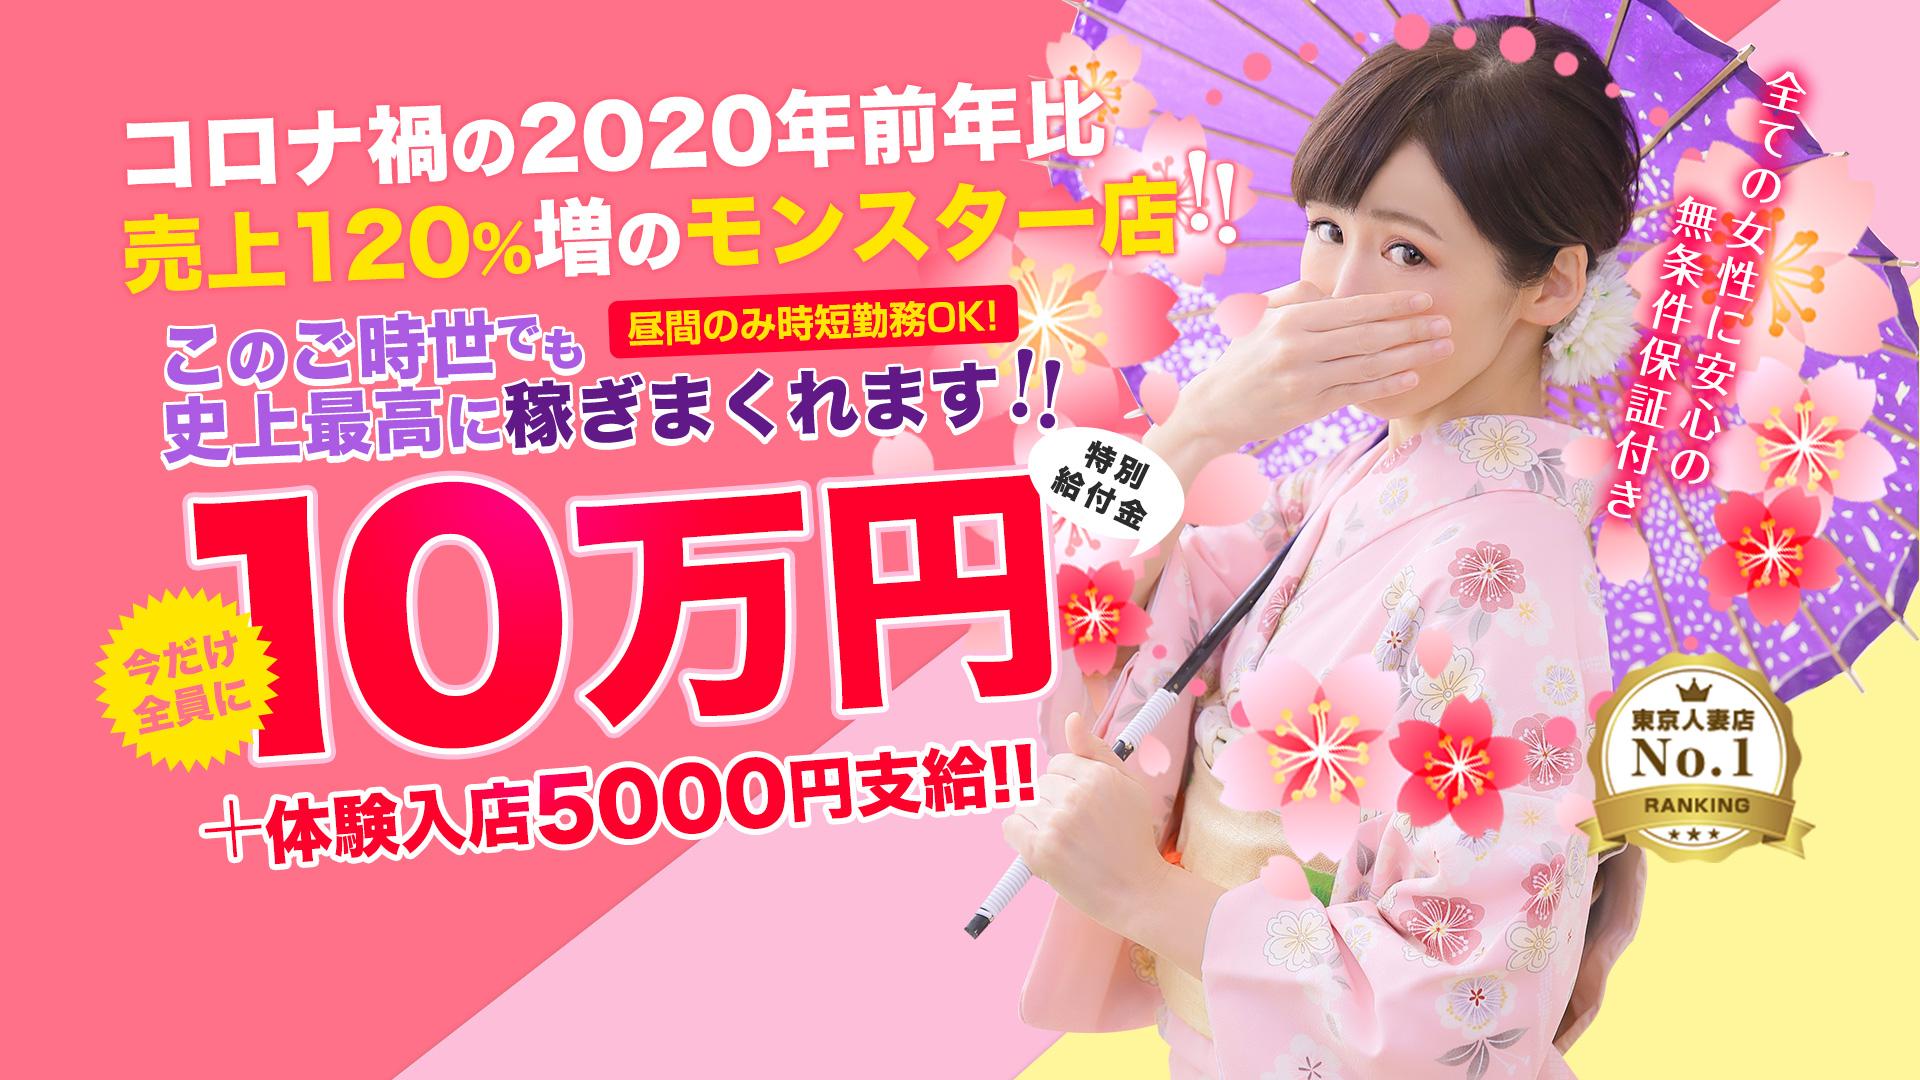 濃厚 即19妻(秋コスグループ)の求人画像